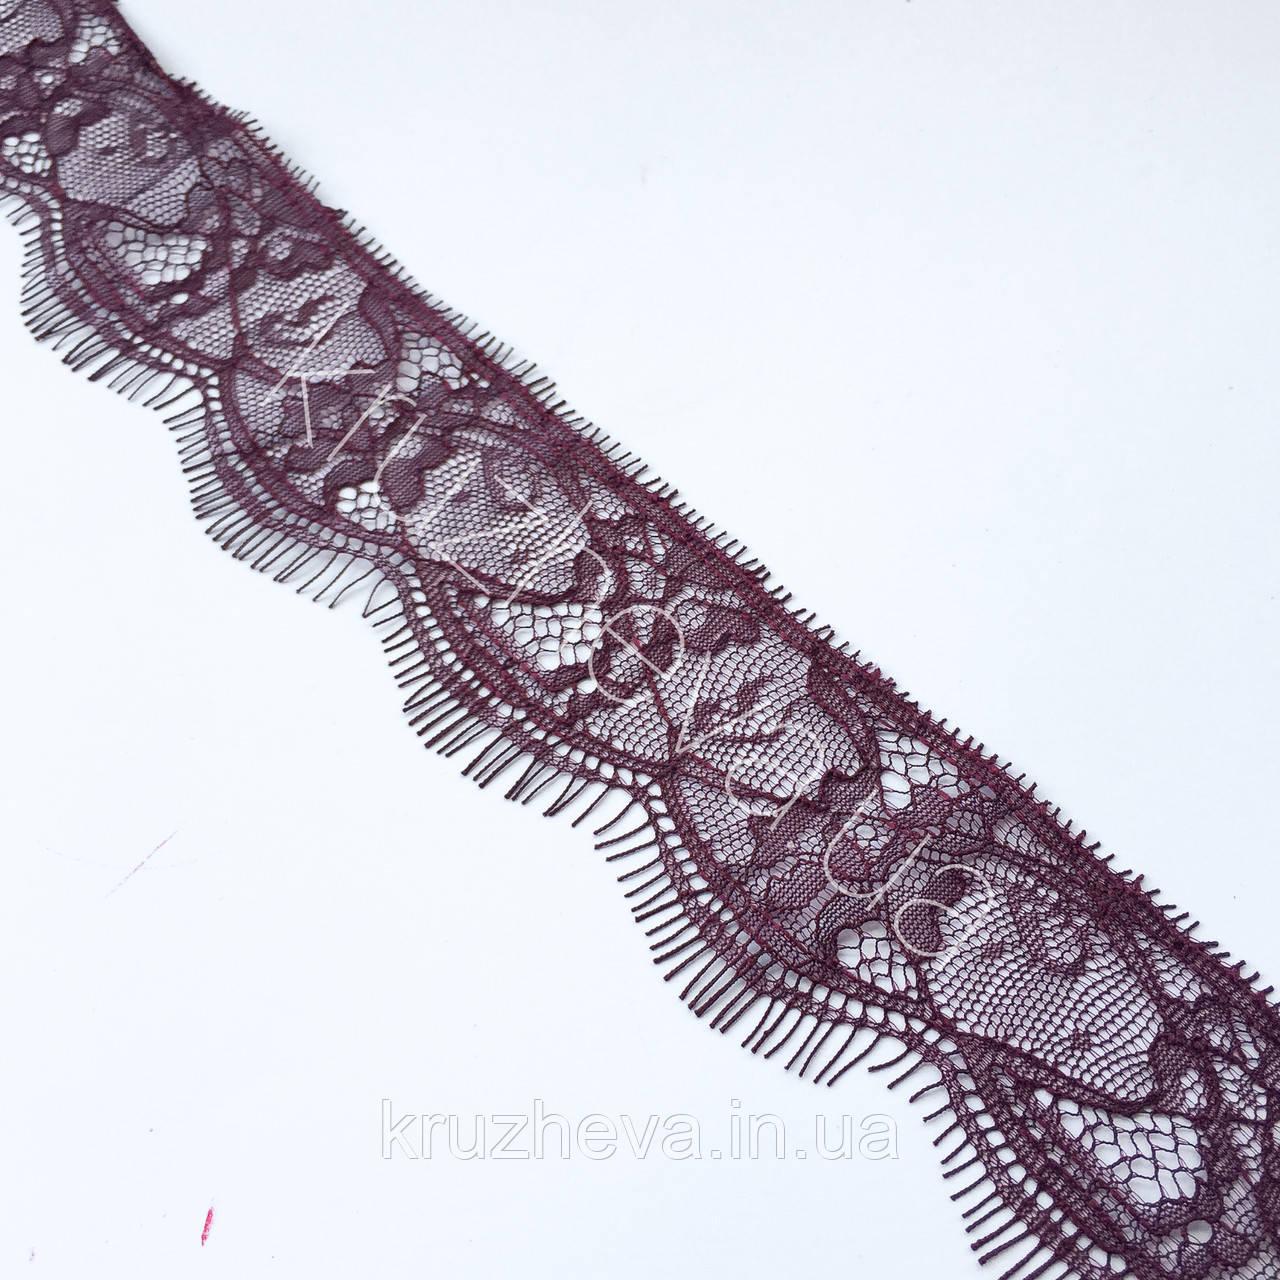 Ажурне французьке мереживо шантильї (з віями) відтінку бордо шириною 4,5 см, довжина купона 3,0 м.